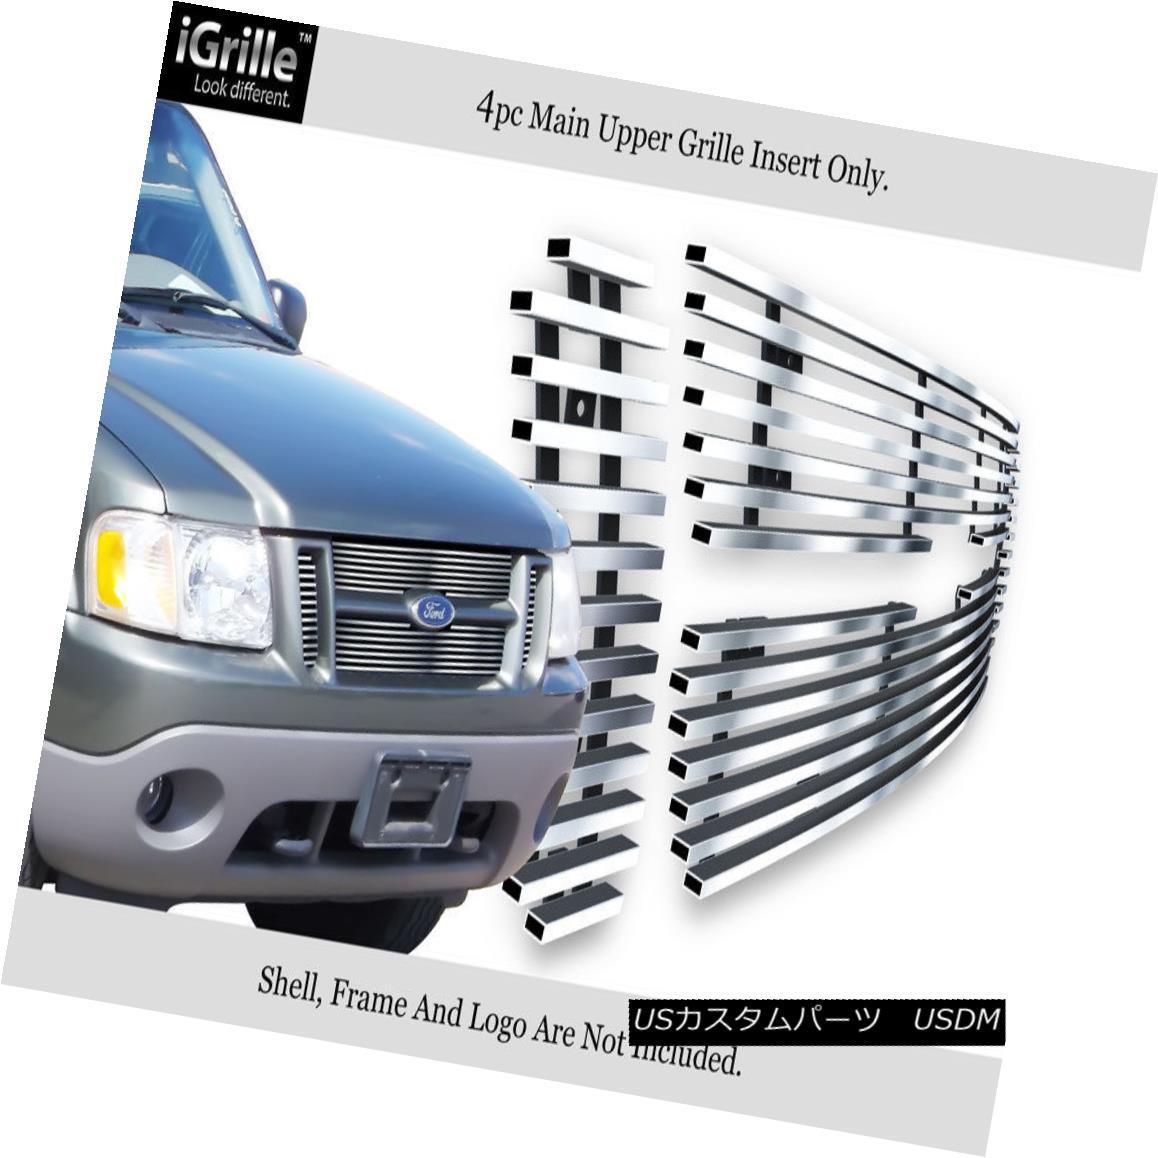 グリル Fits 2001-2006 Ford Explorer Sport Trac Stainless Steel Billet Grille Insert フィット2001-2006フォードエクスプローラースポーツTracステンレス鋼ビレットグリルインサート